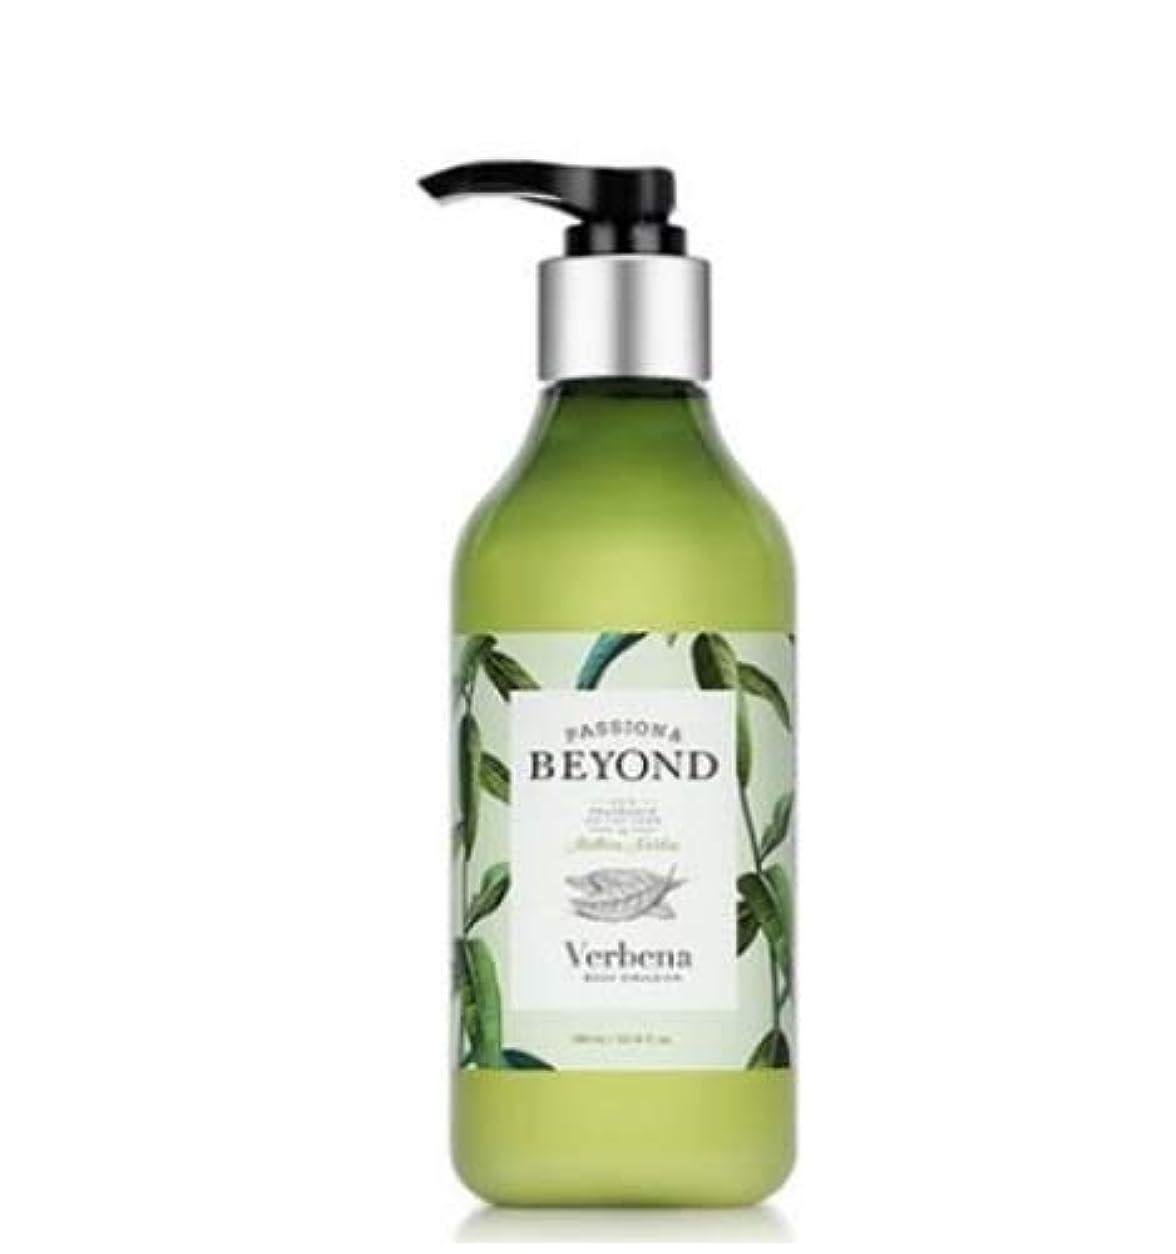 吹雪垂直軸[ビヨンド] BEYOND [バーベナ ボディ エマルジョン 300ml] Verbena Body Emulsion 300ml [海外直送品]